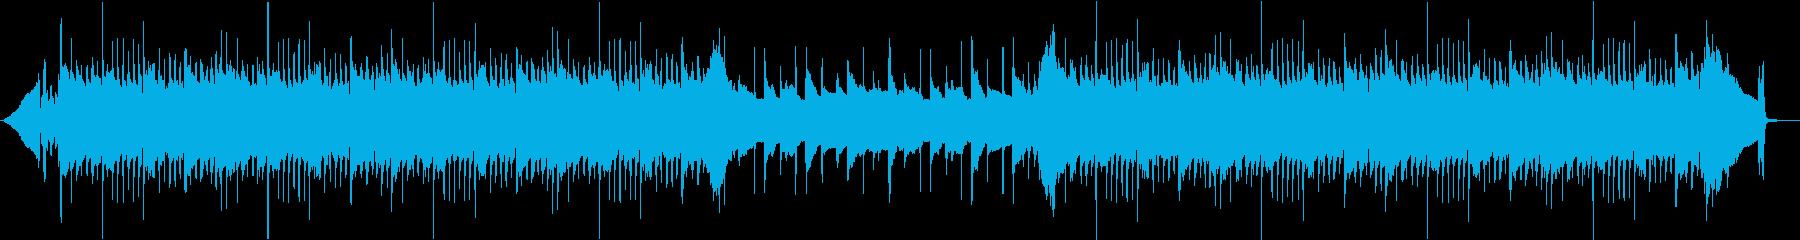 【ピアノとアコギ】疾走感のある爽やかな曲の再生済みの波形